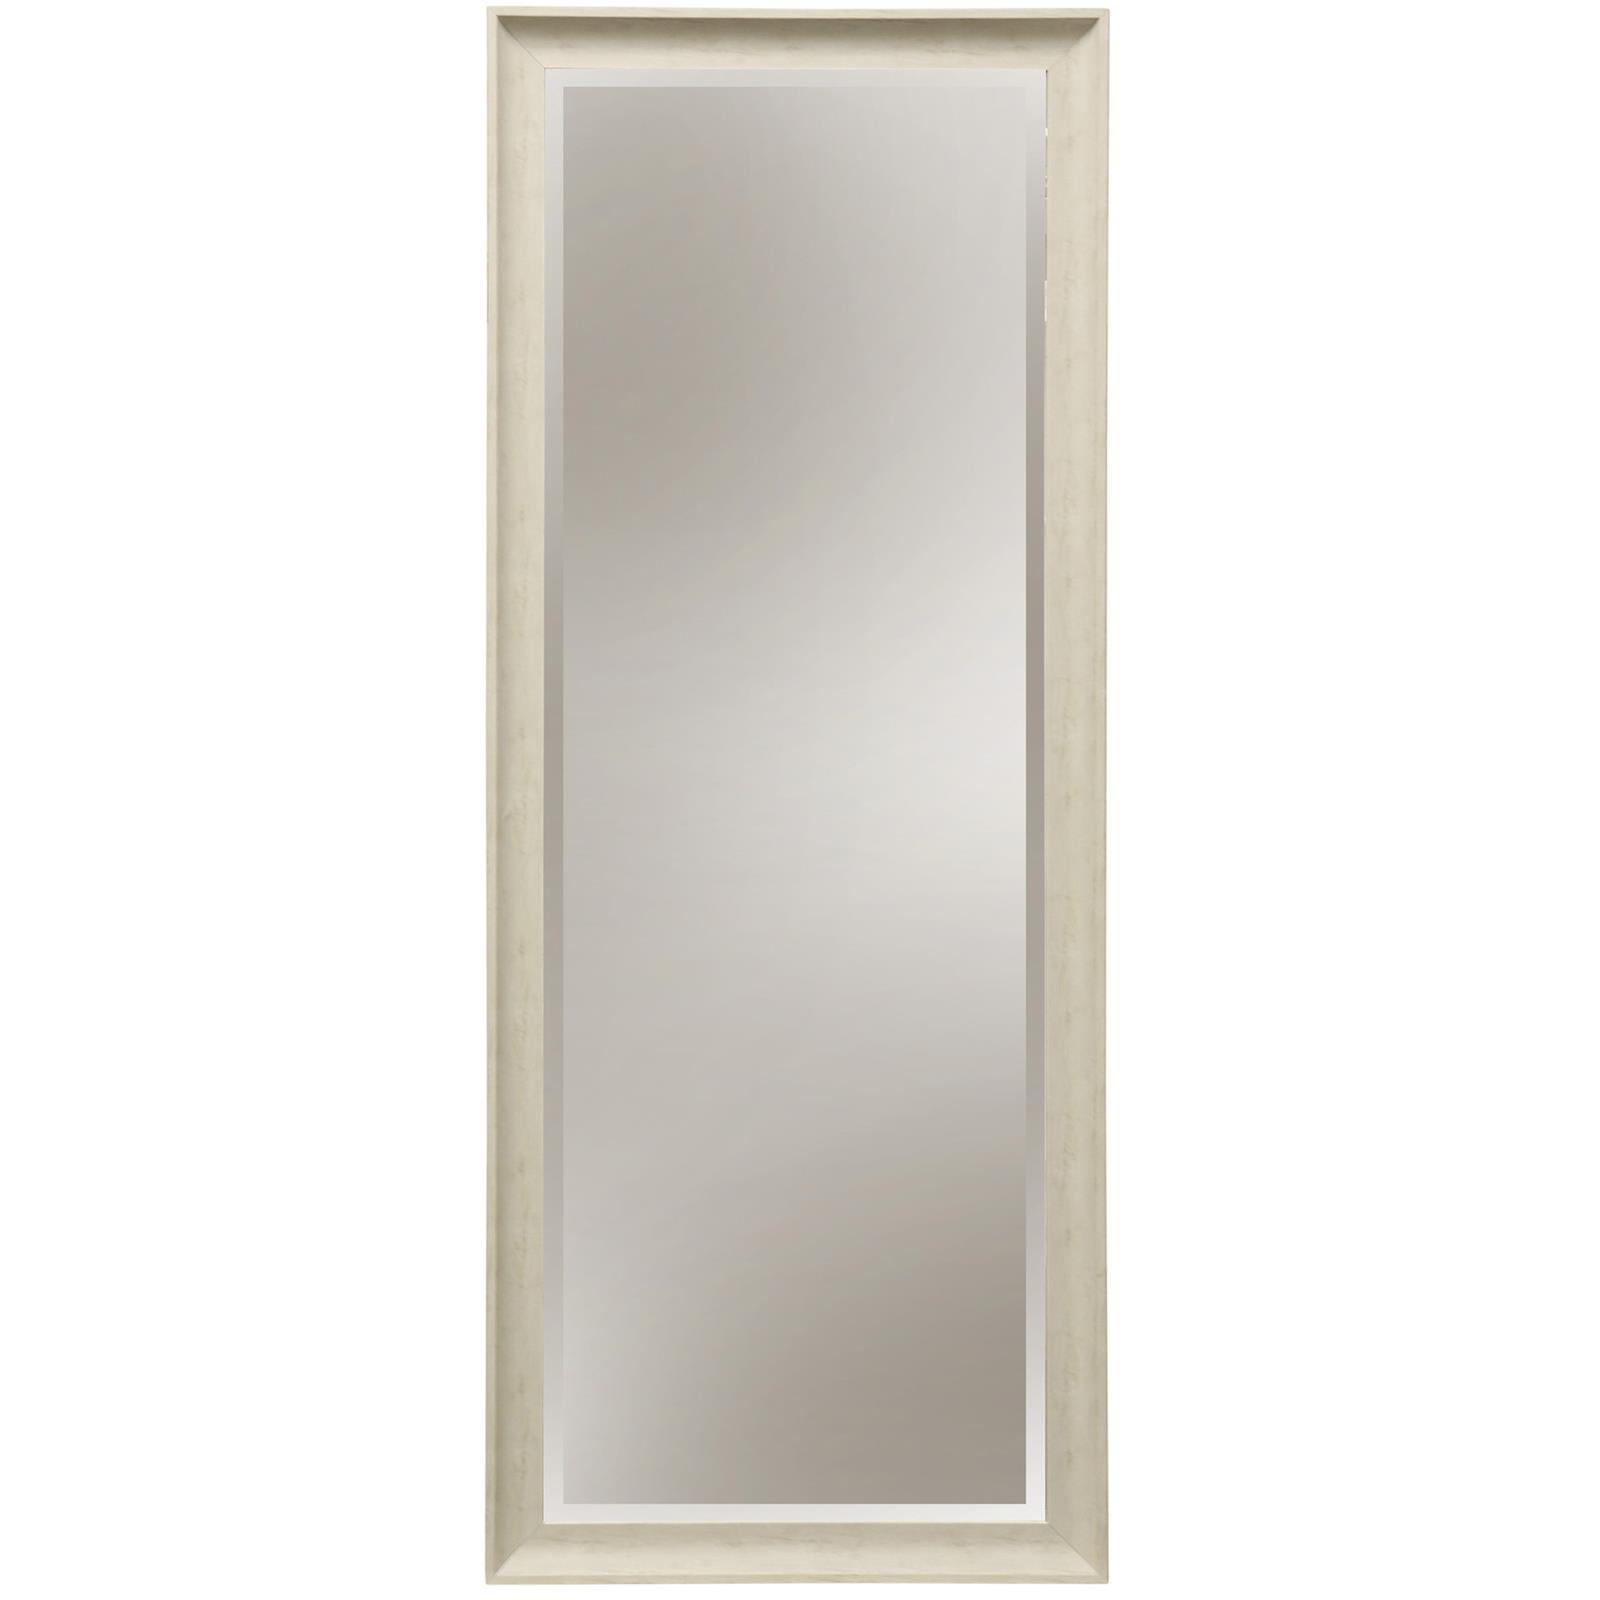 stylecraft distressed wood mirror